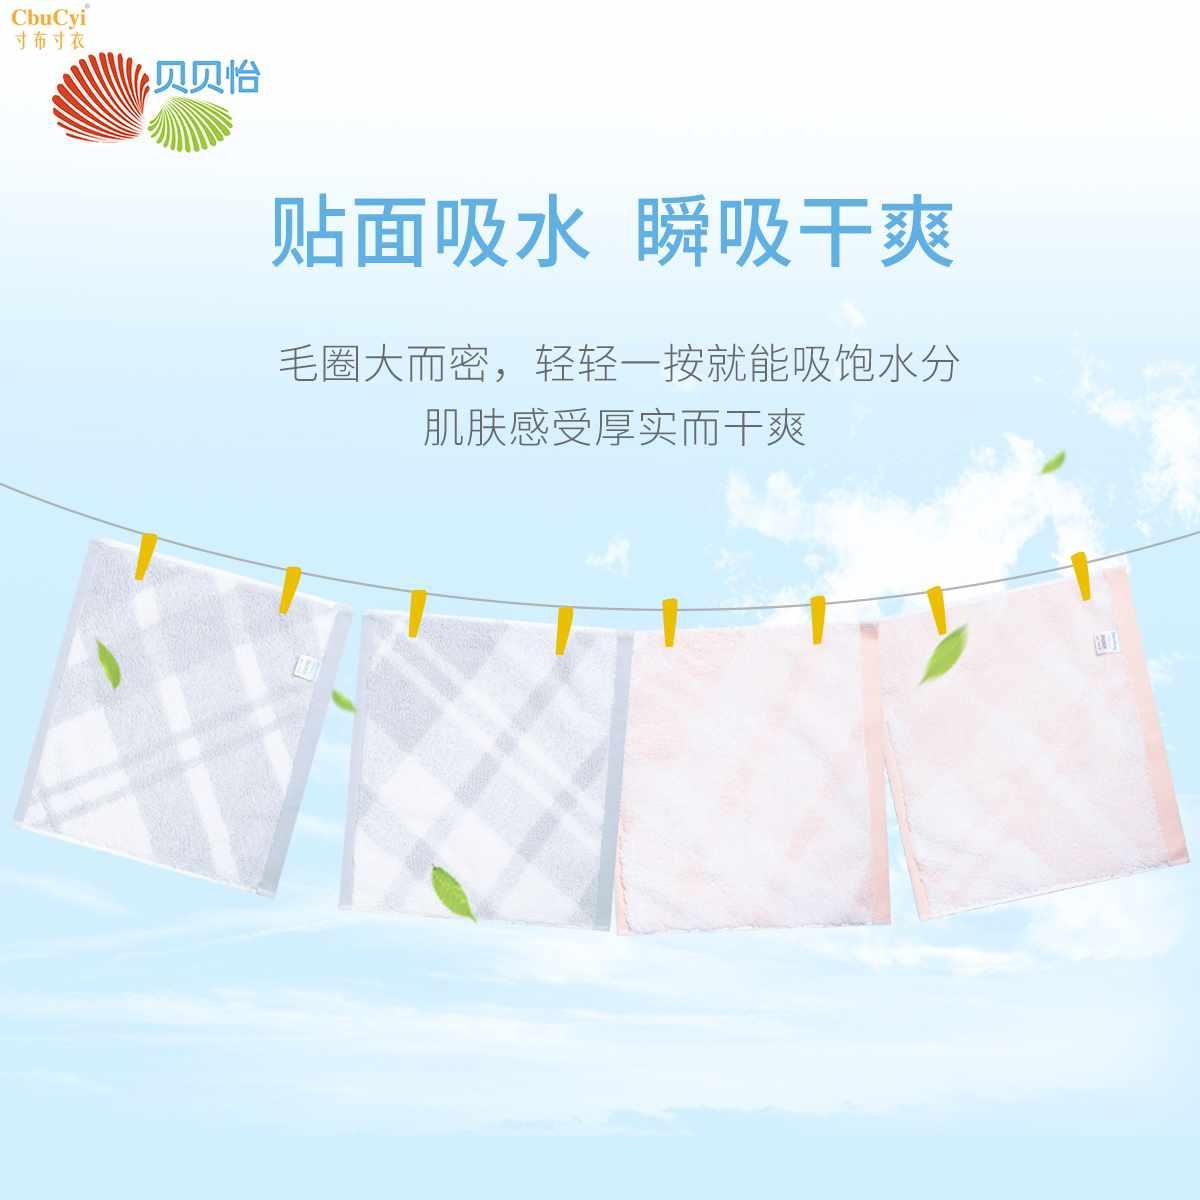 Khăn mặt em bé khăn nước bọt trẻ sơ sinh em bé cung cấp khăn vuông nhỏ thấm nước 2 - Cup / Table ware / mài / Phụ kiện